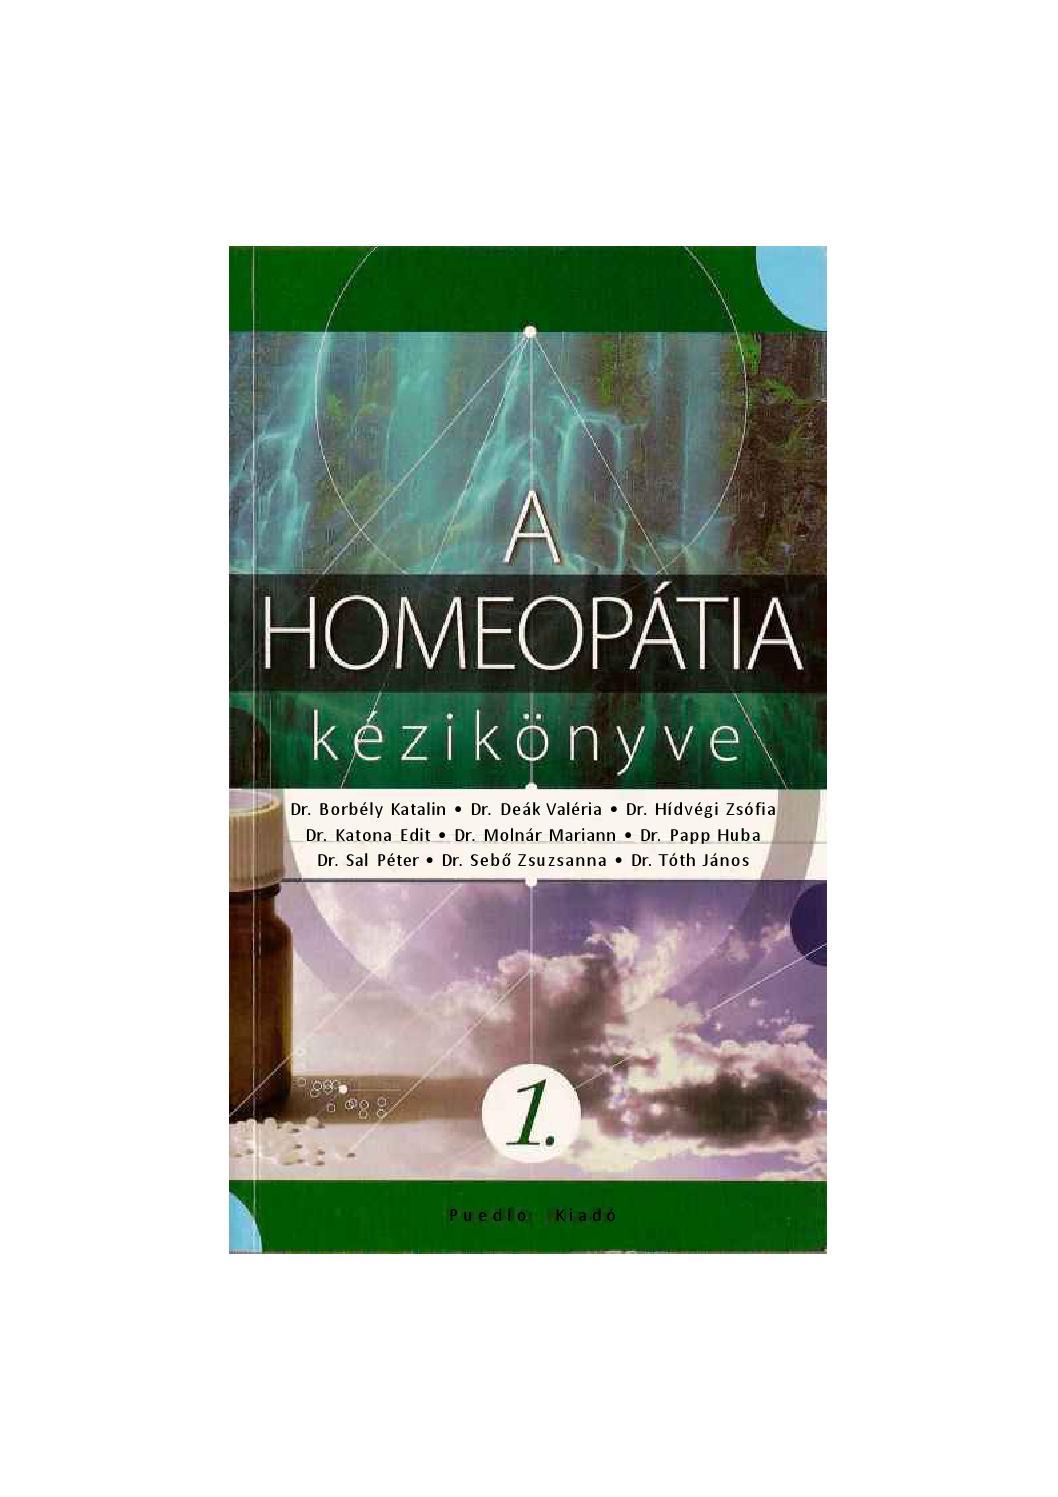 Homeopátia szemre - Arcanum GYÓGYSZERTÁR webpatika gyógyszer,tabletta - webáruház, webshop